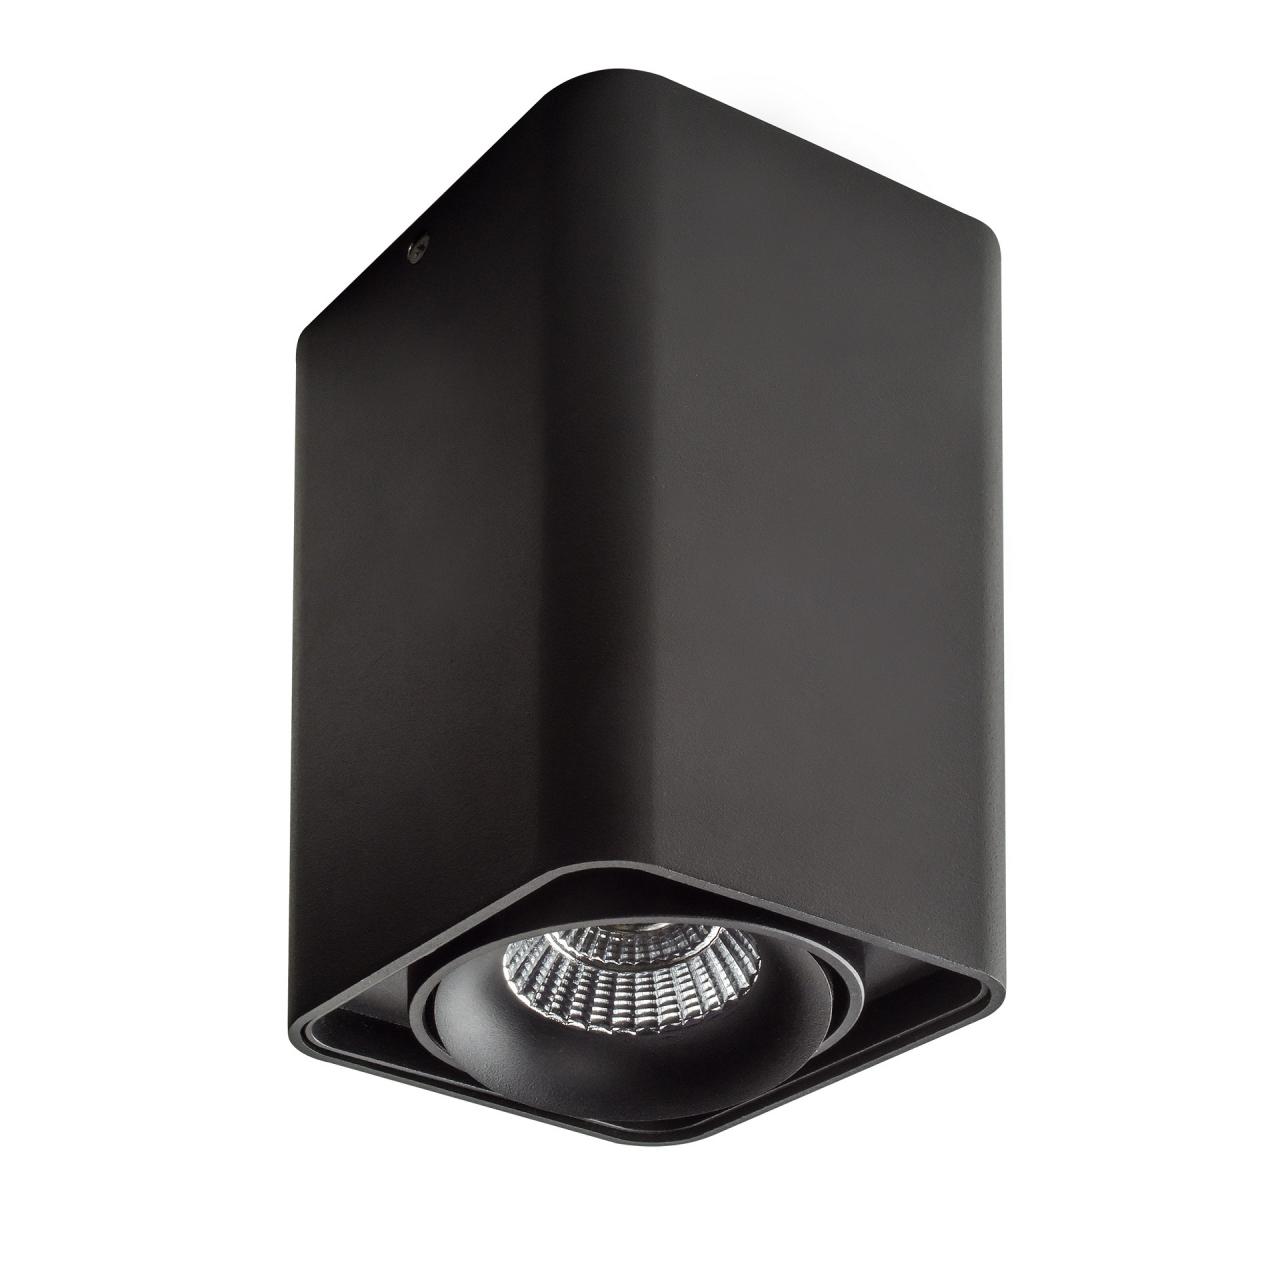 Светильник Monocco LED 10W 600LM 30G черный 3000K Lightstar 052337-IP65